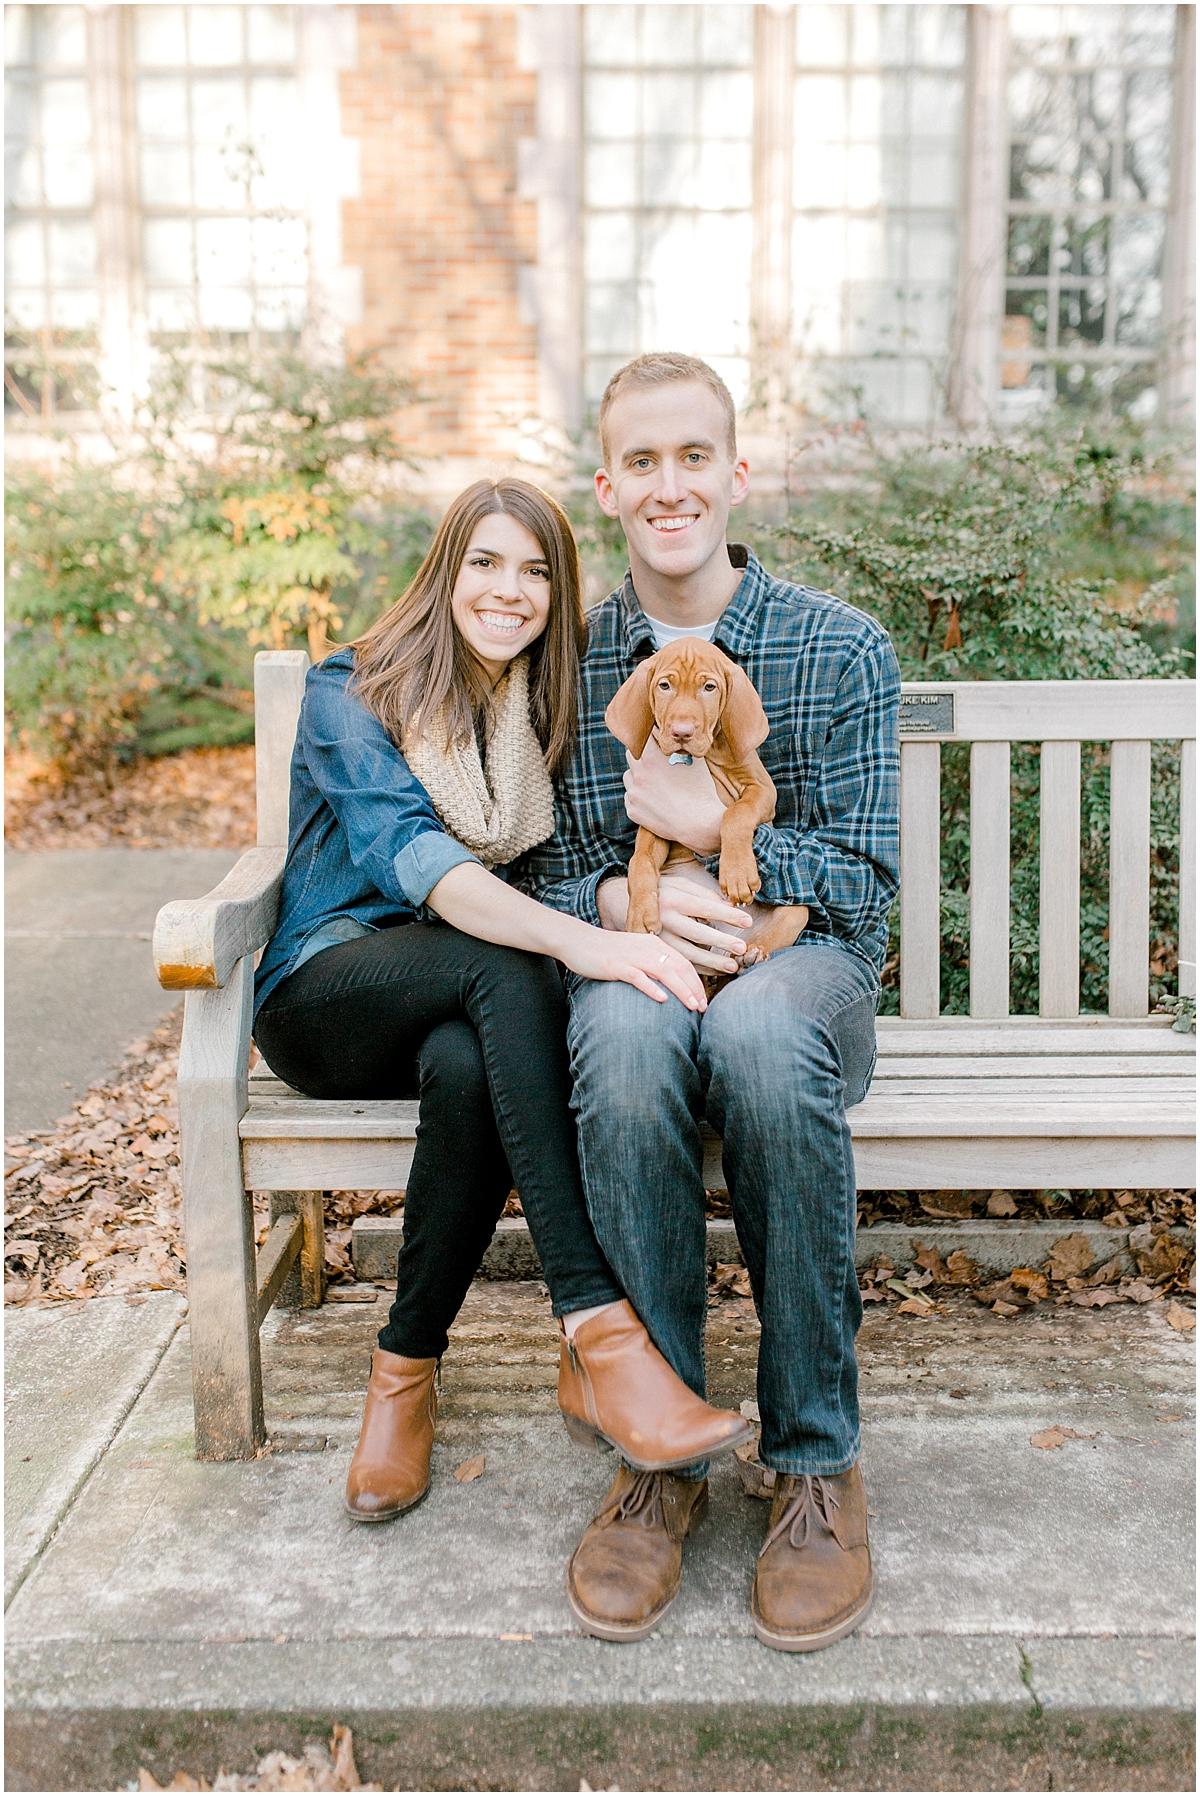 University of Washington Engagement Session | College Campus Photo Session | UW | Seattle Engagement Session | Seattle Wedding Photographer | Emma Rose Company34.jpg